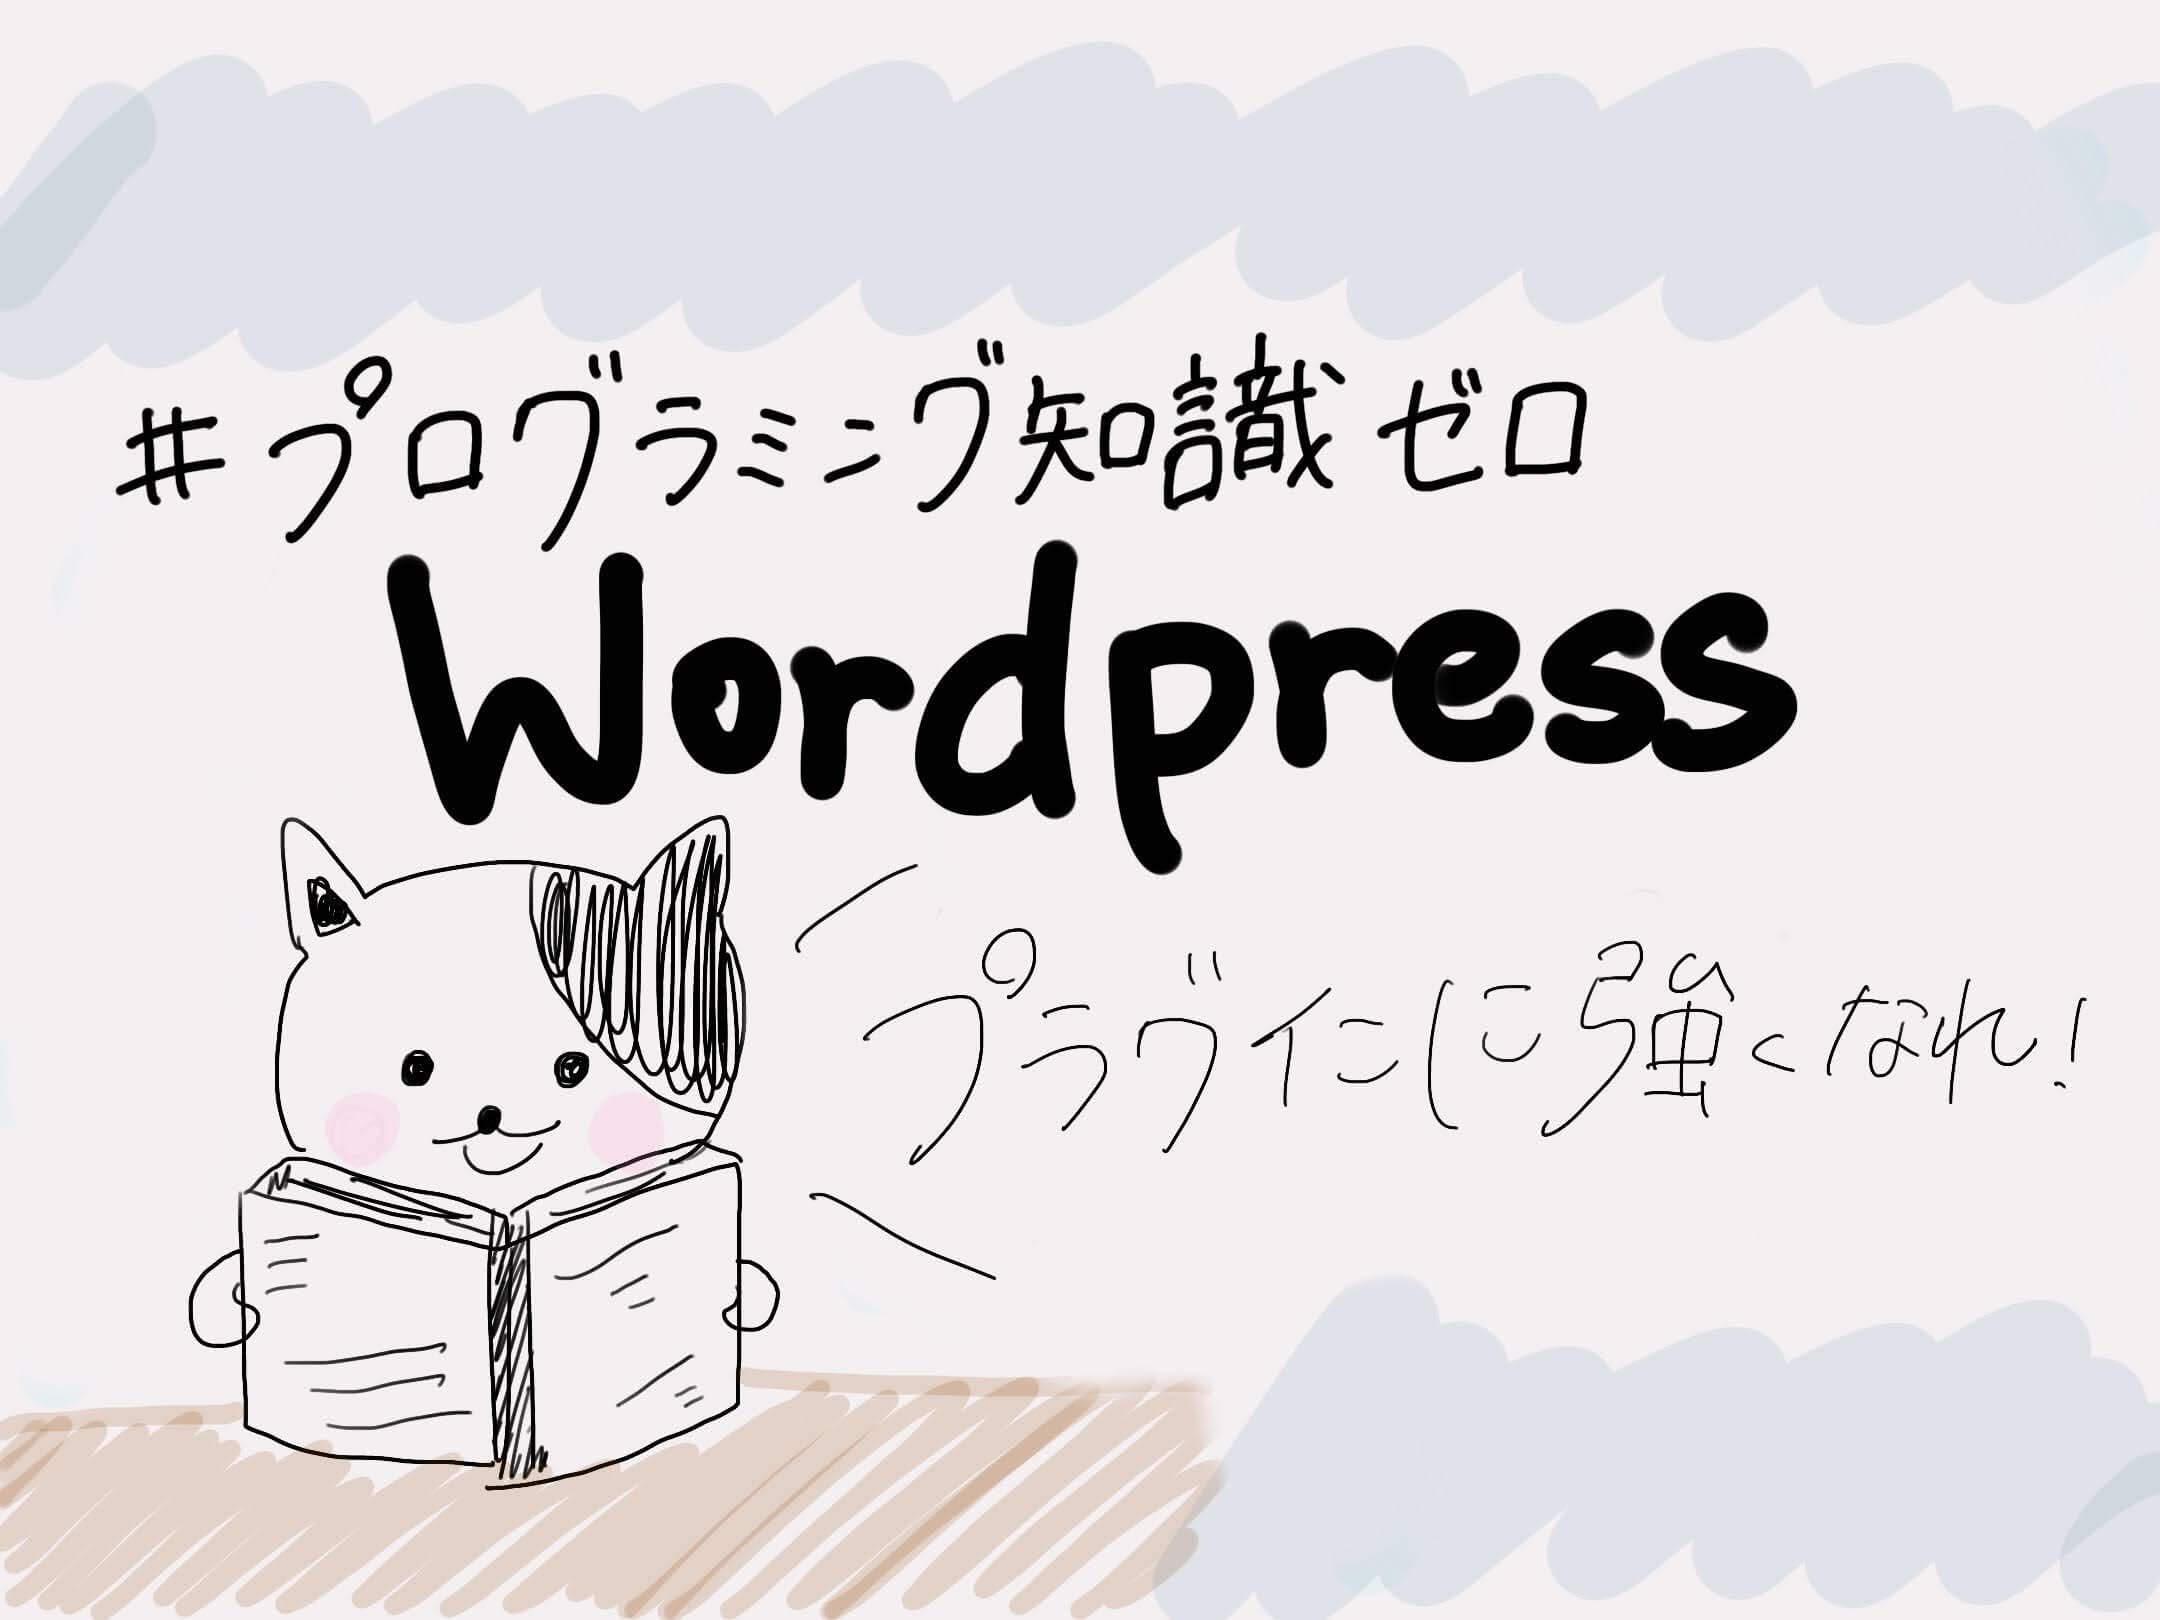 プラグインの導入方法  /プログラミング無しにWordPressを使用するために必要